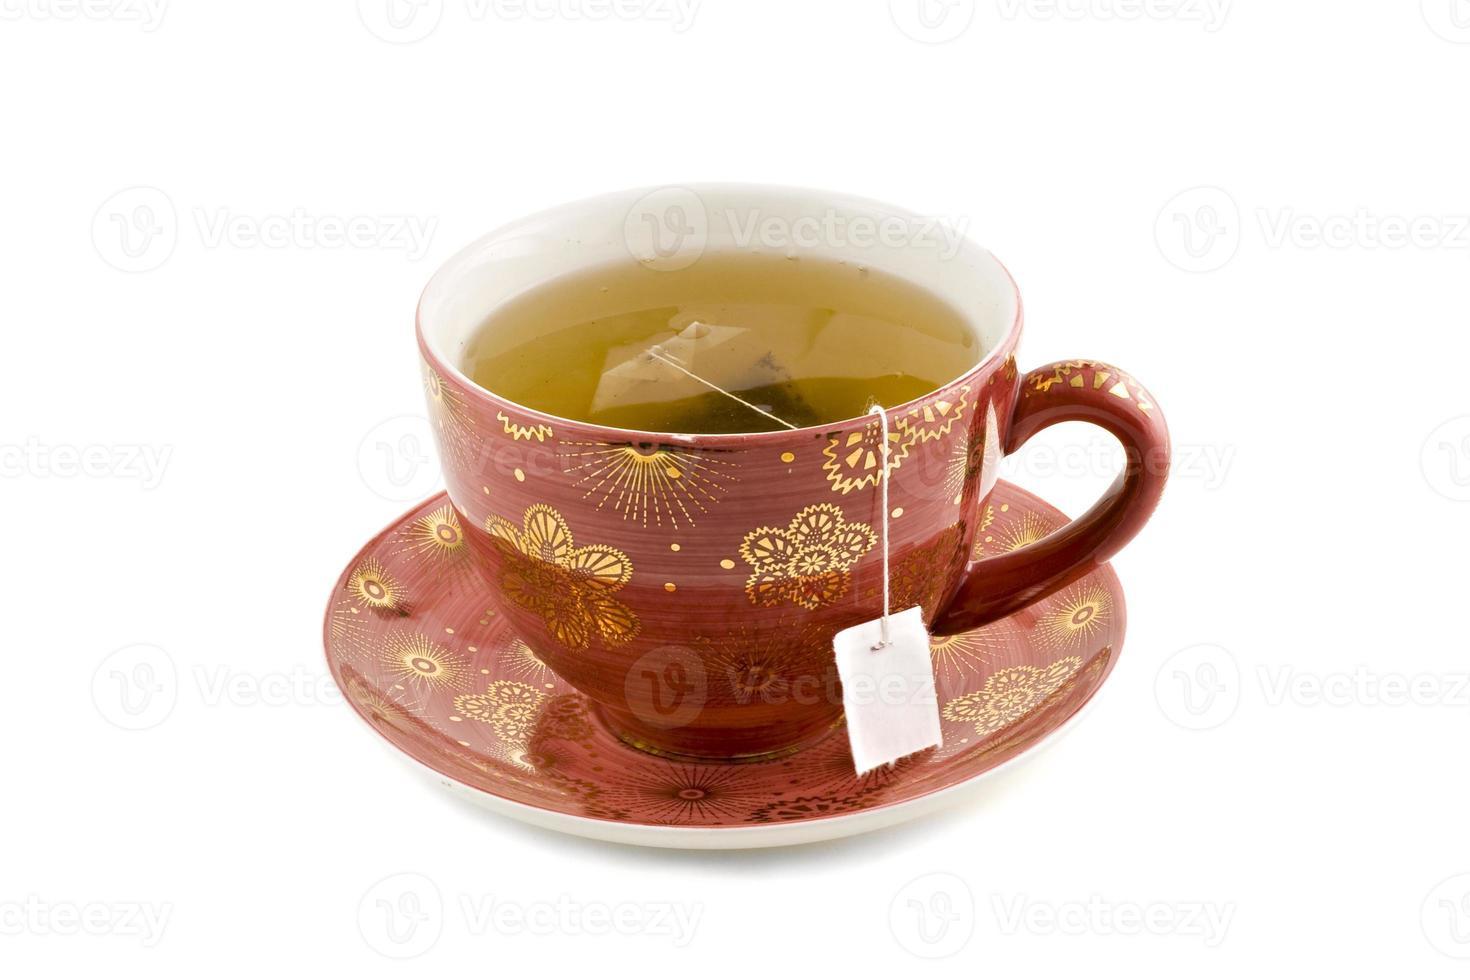 belle tasse de thé dans un ensemble vintage rouge de tasse et assiette photo